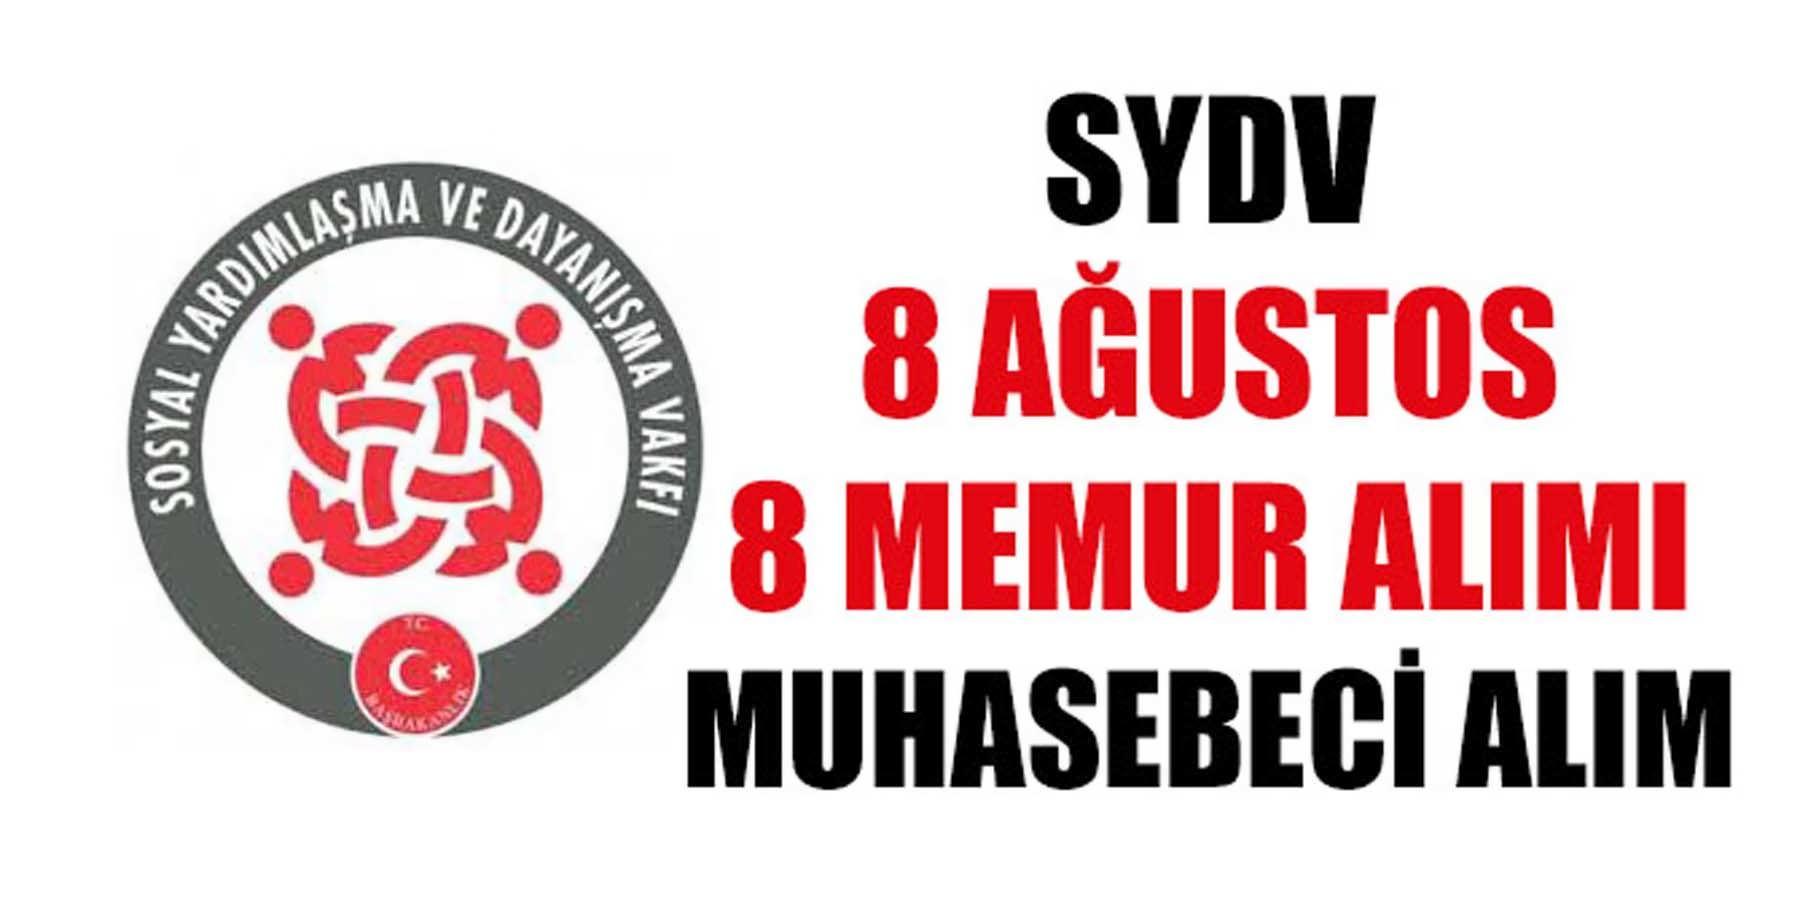 SYDV 8 Memur ve Muhasebeci Alımı 8 Ağustos İlanı